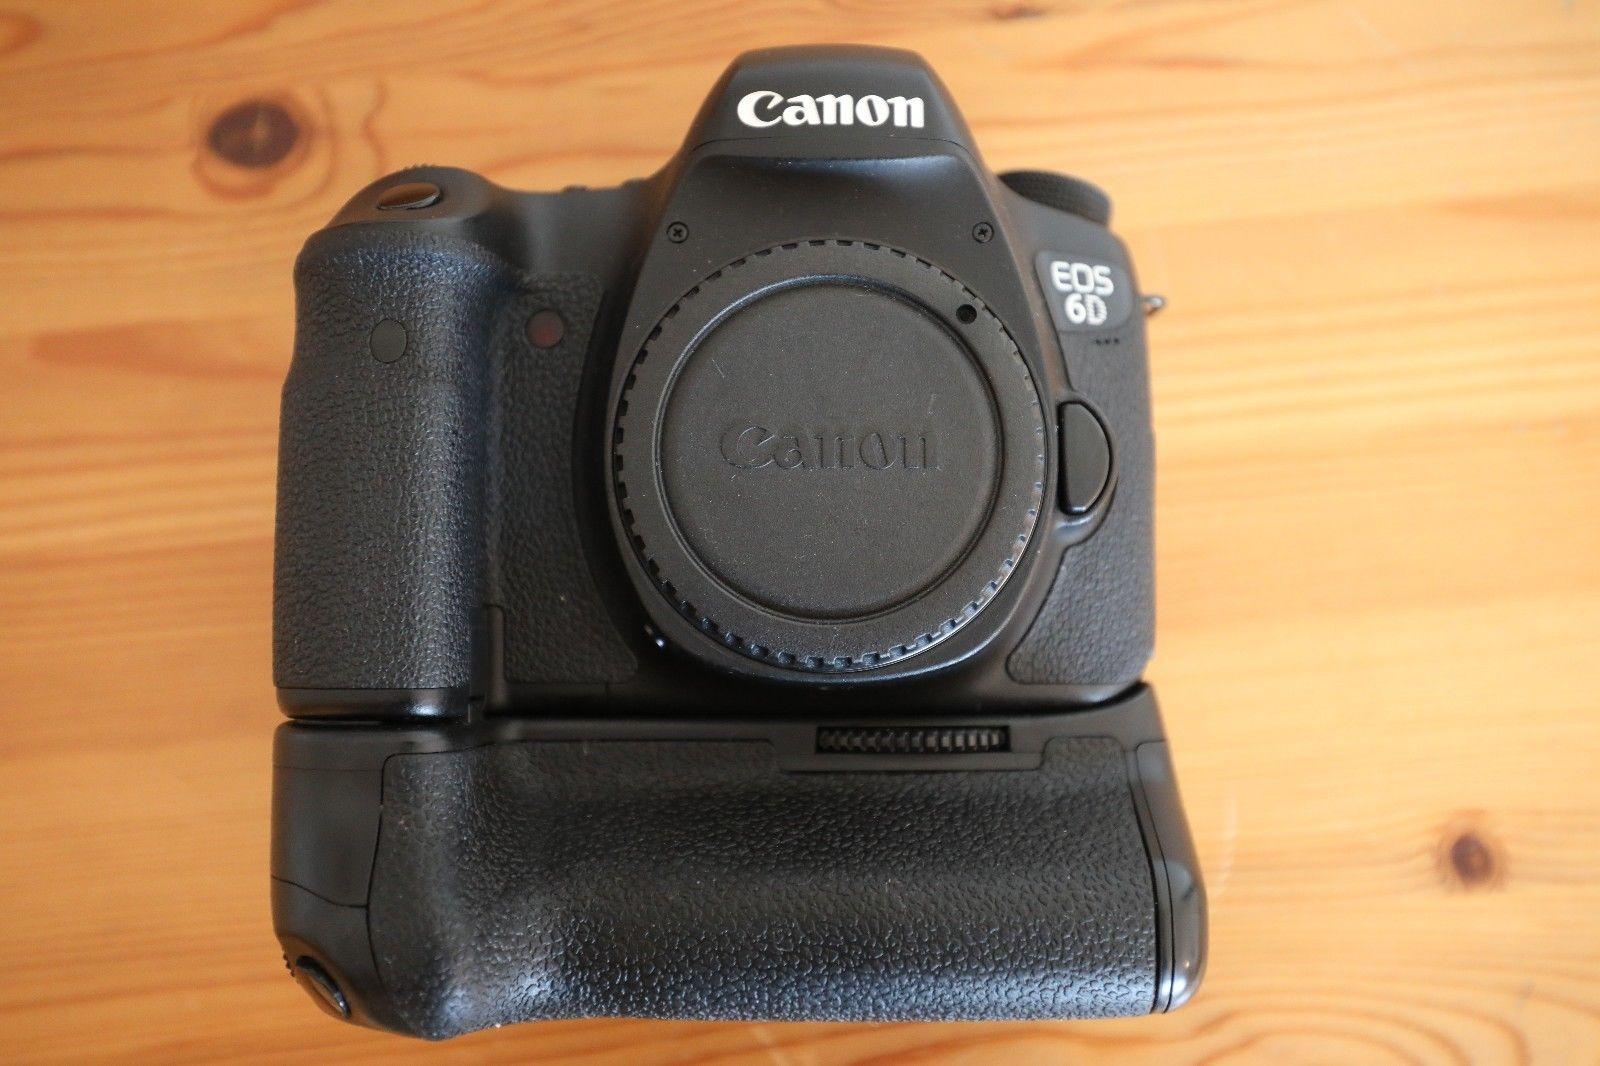 Canon EOS 6D 20,2 MP SLR-Digitalkamera - Schwarz (Nur Gehäuse) Auslösung 14900